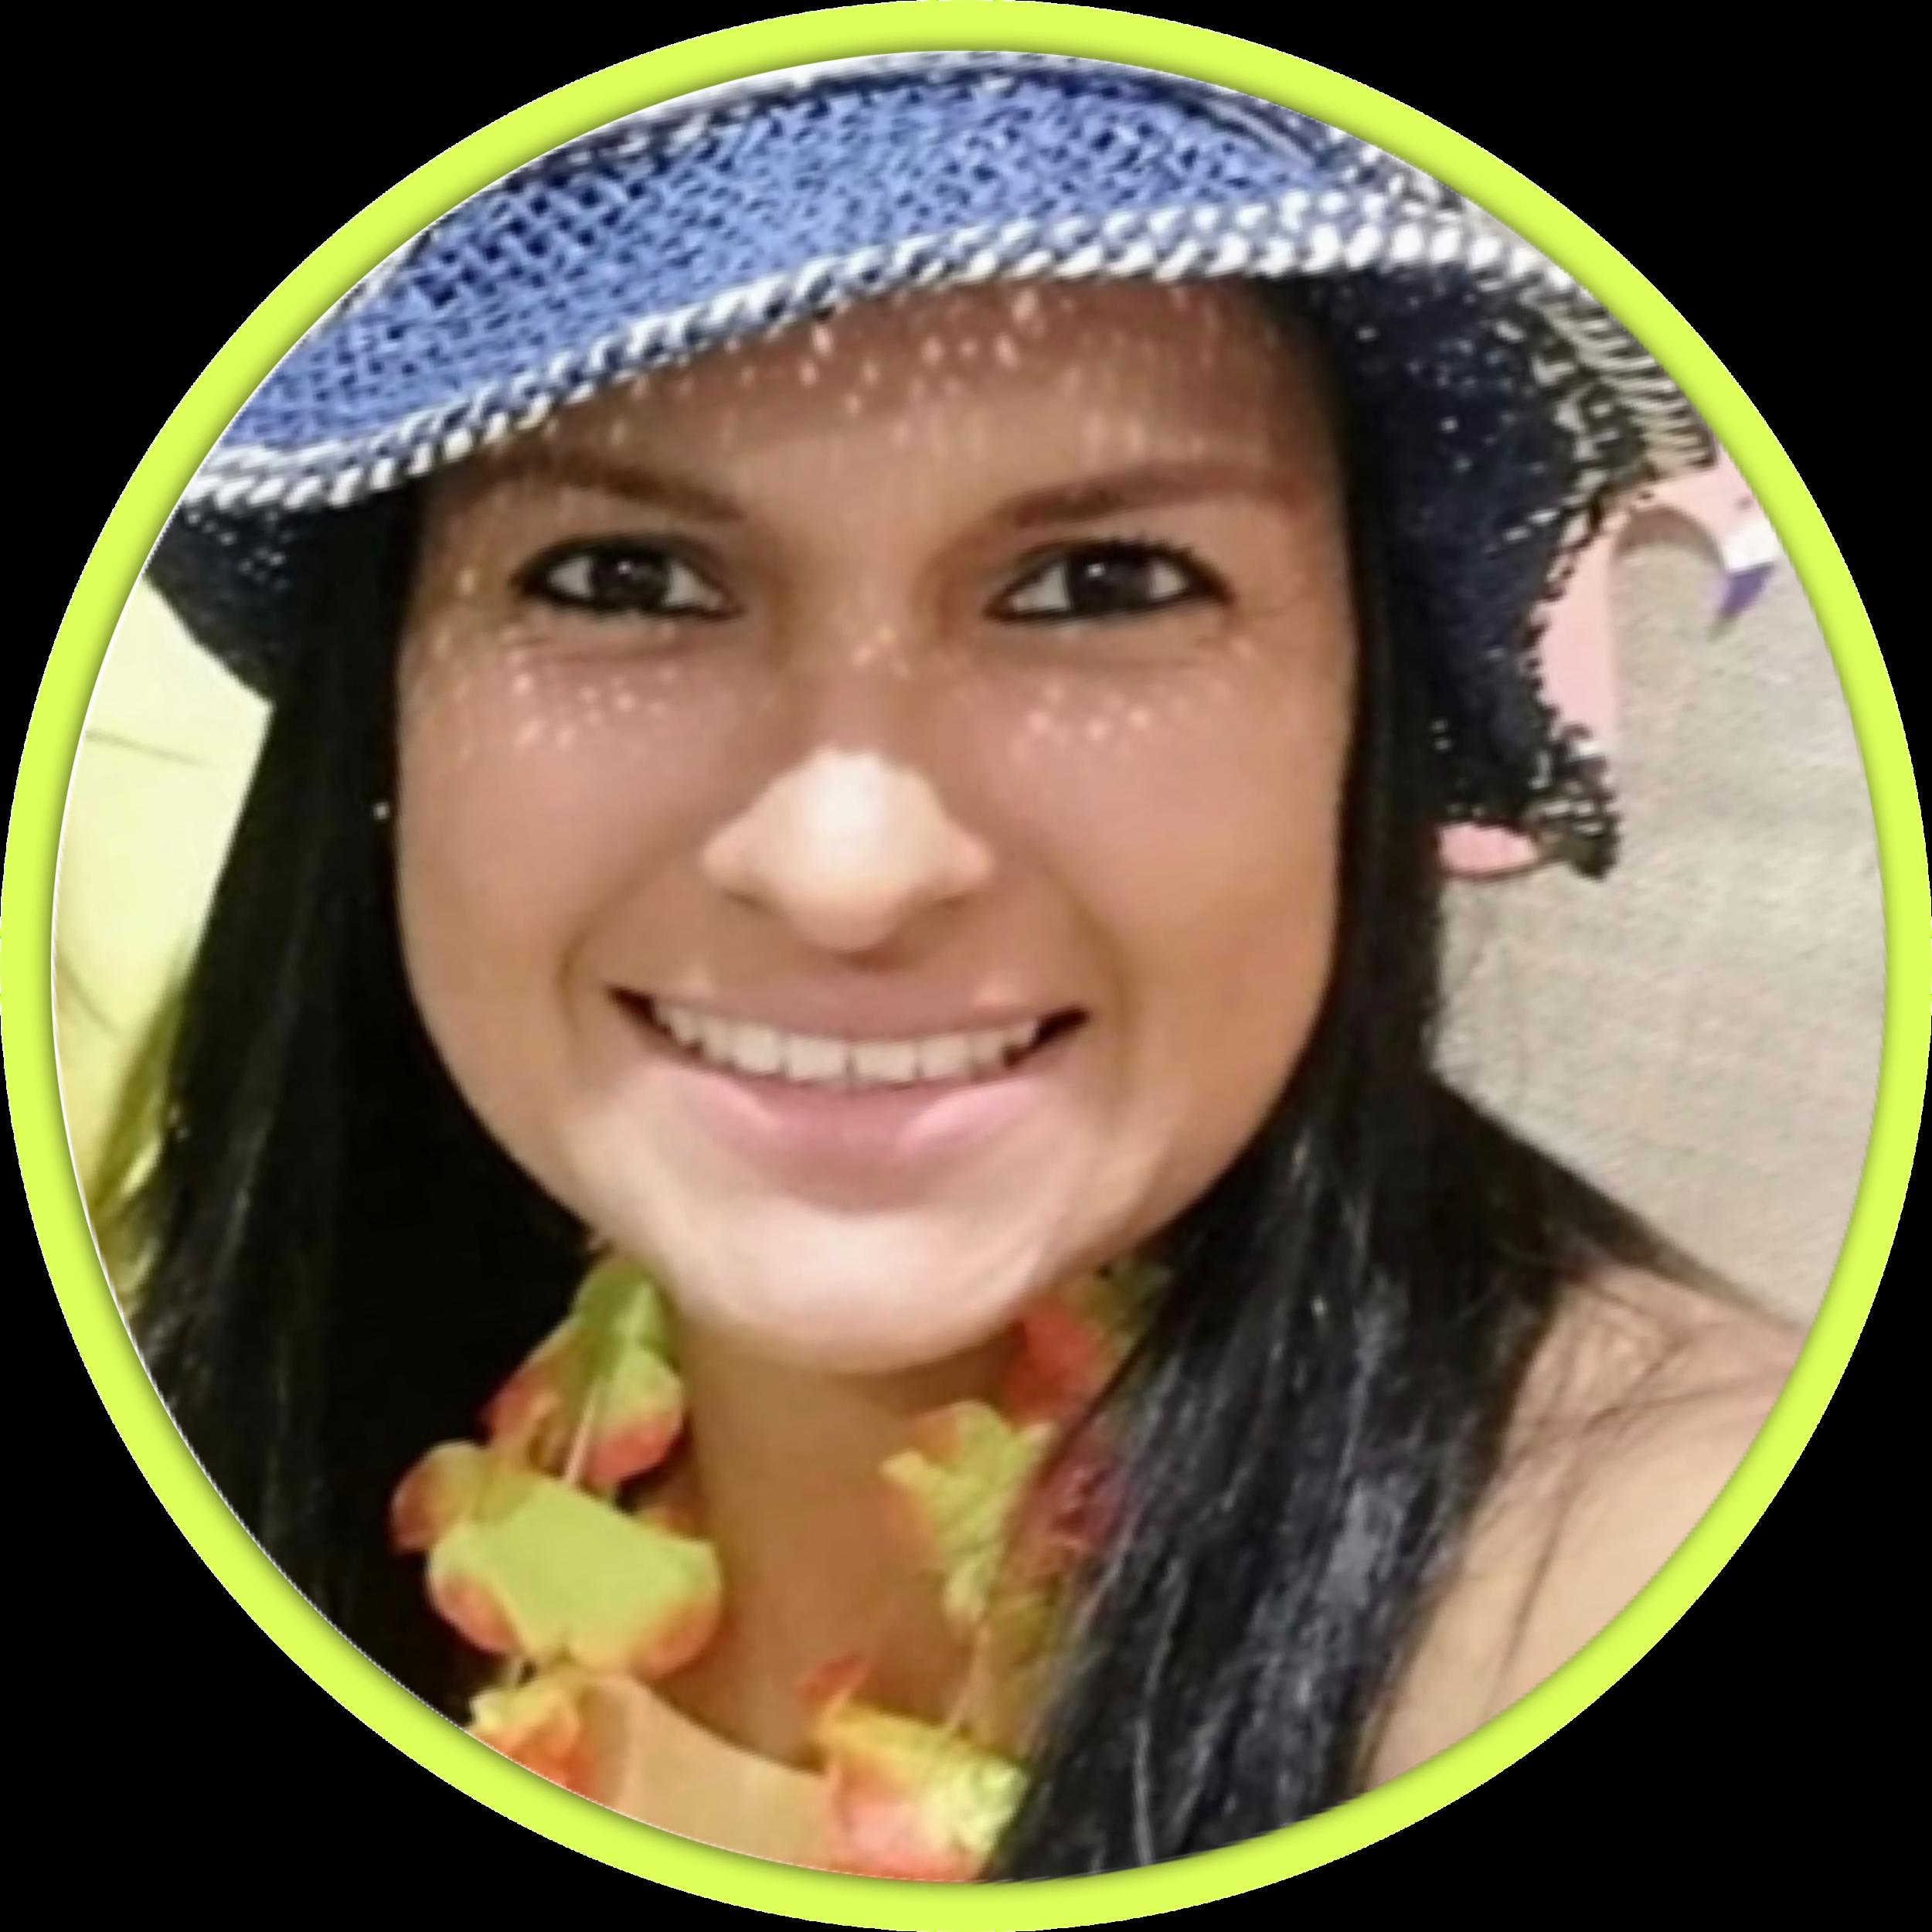 STEPHANIE ARMAS - Asistente personal y mano derecha.Coordinadora general.Maestra de yoga y meditación, tiene su emprendimiento de productos saludables.Entuisiasta y efectiva.